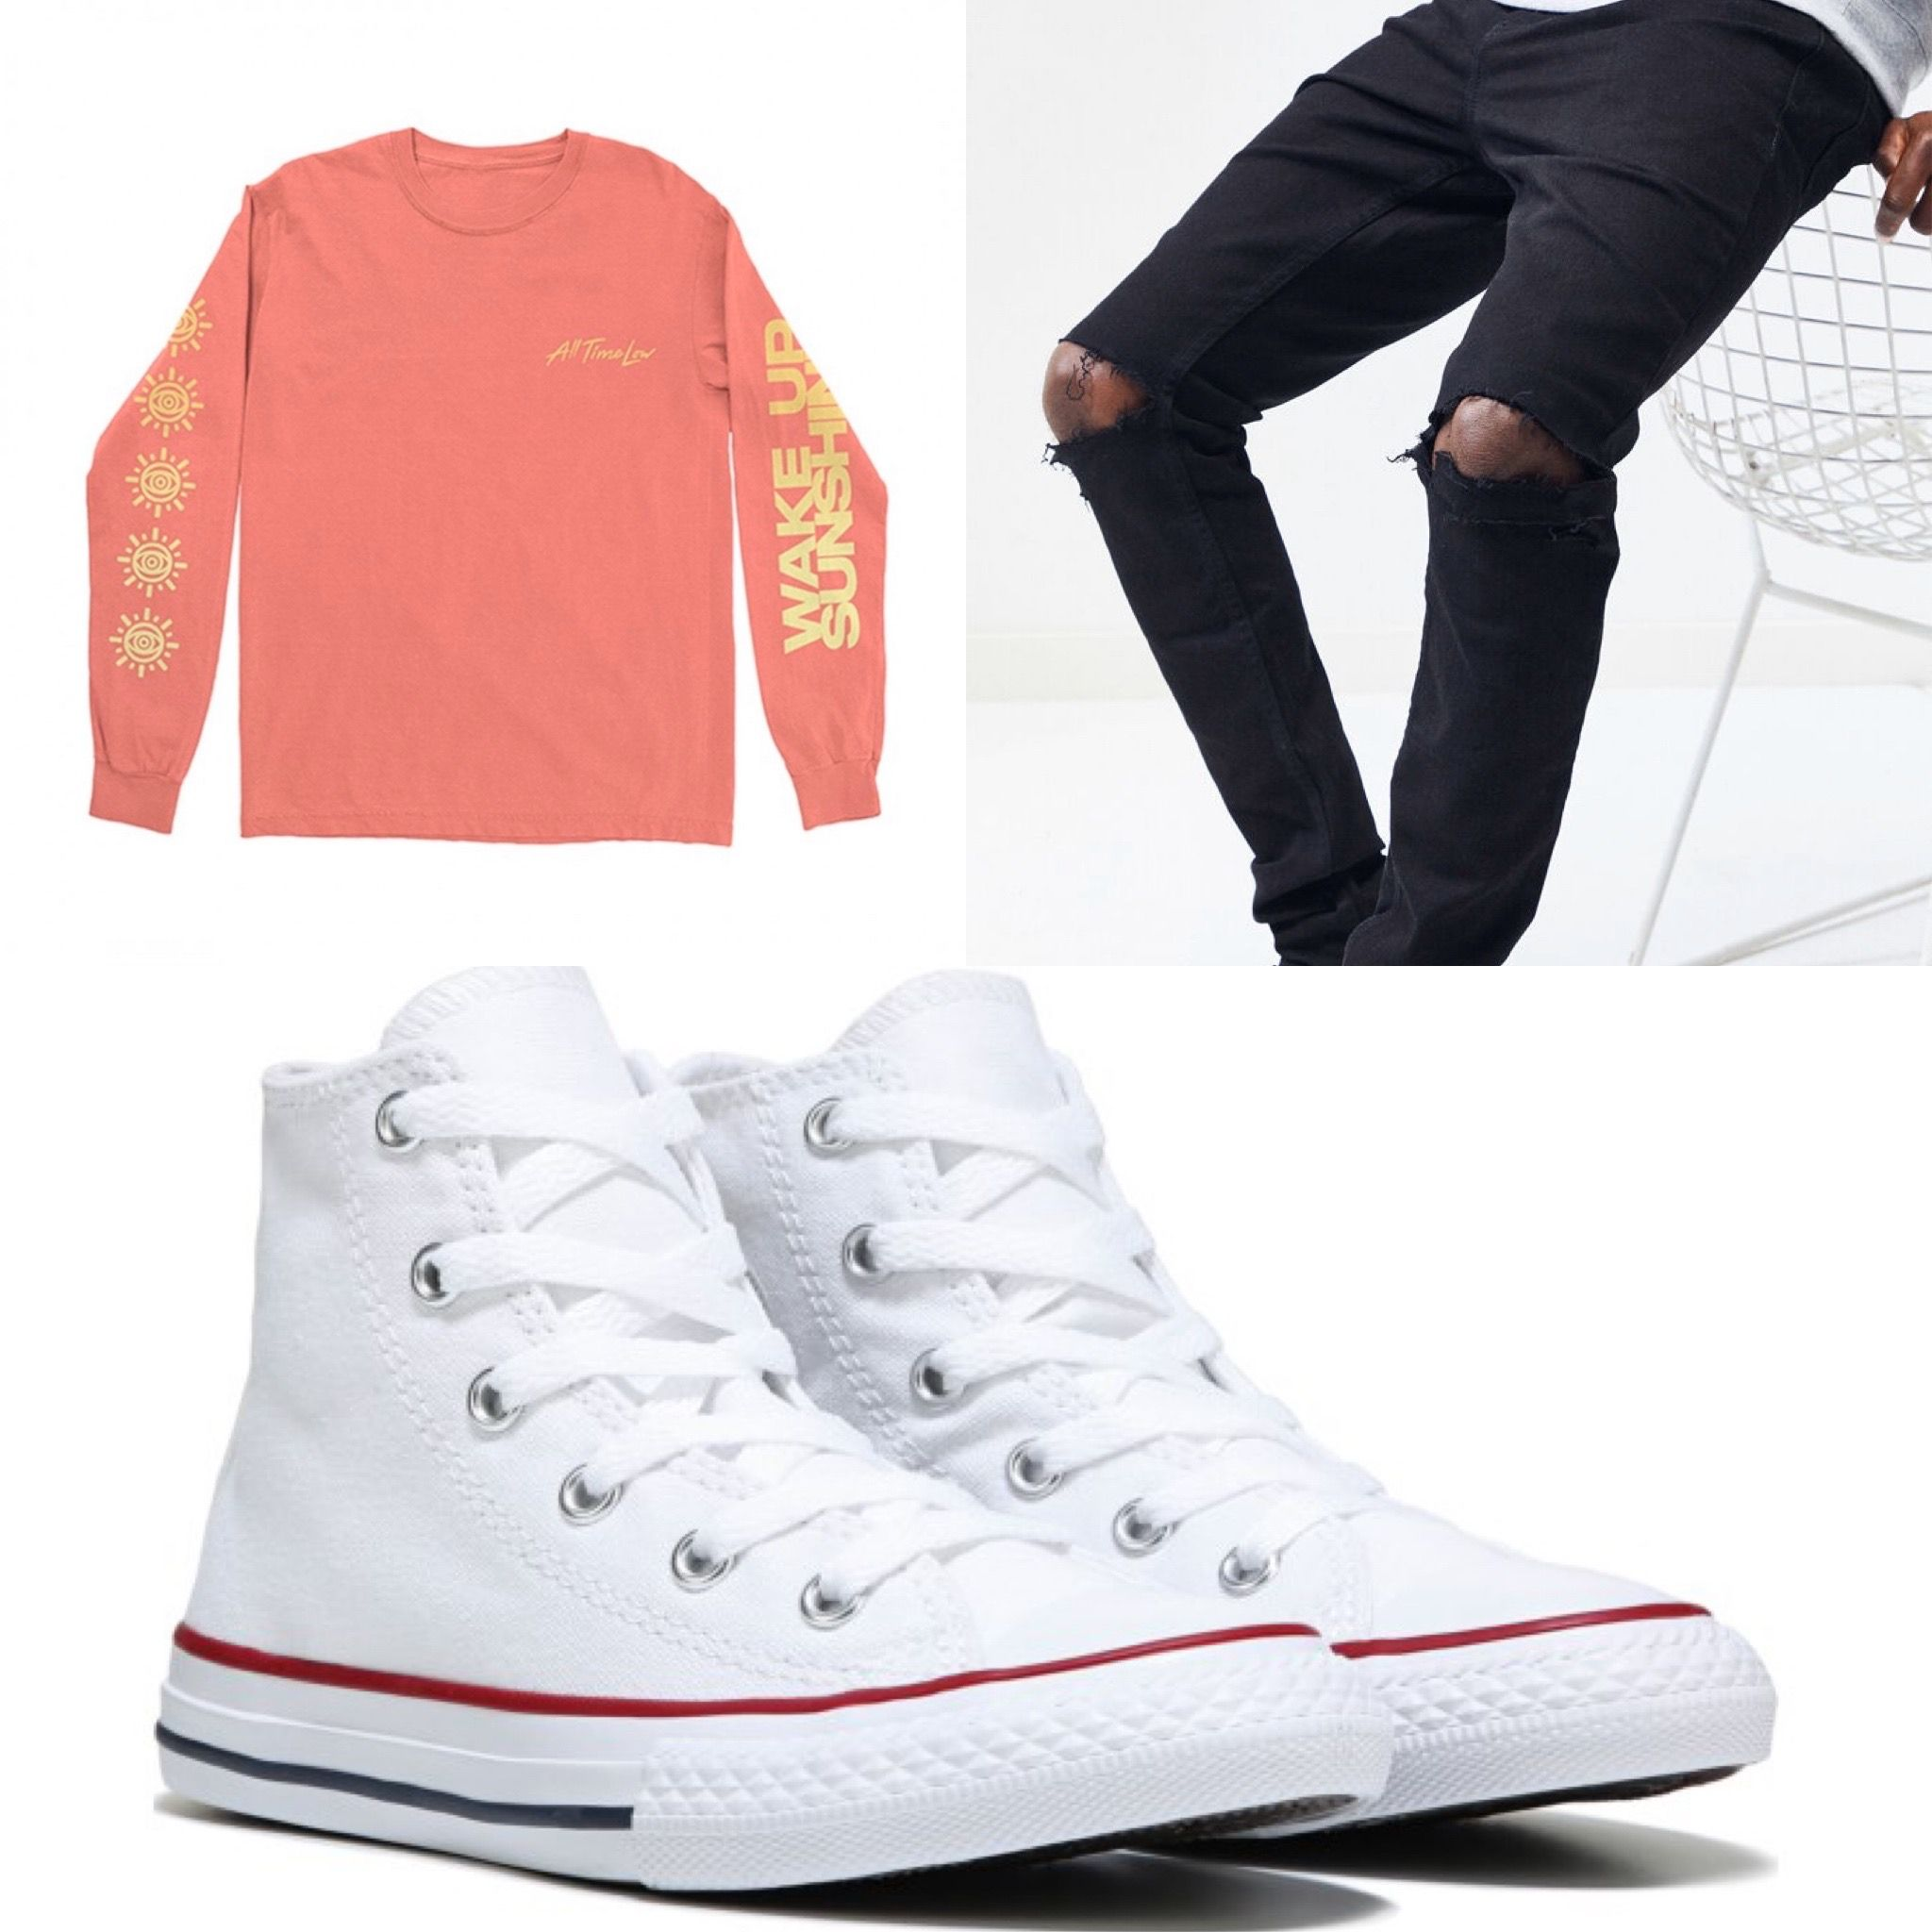 Summer Fit Idea Converse High Top Sneaker Converse Chuck Taylor High Top Sneaker High Top Sneakers